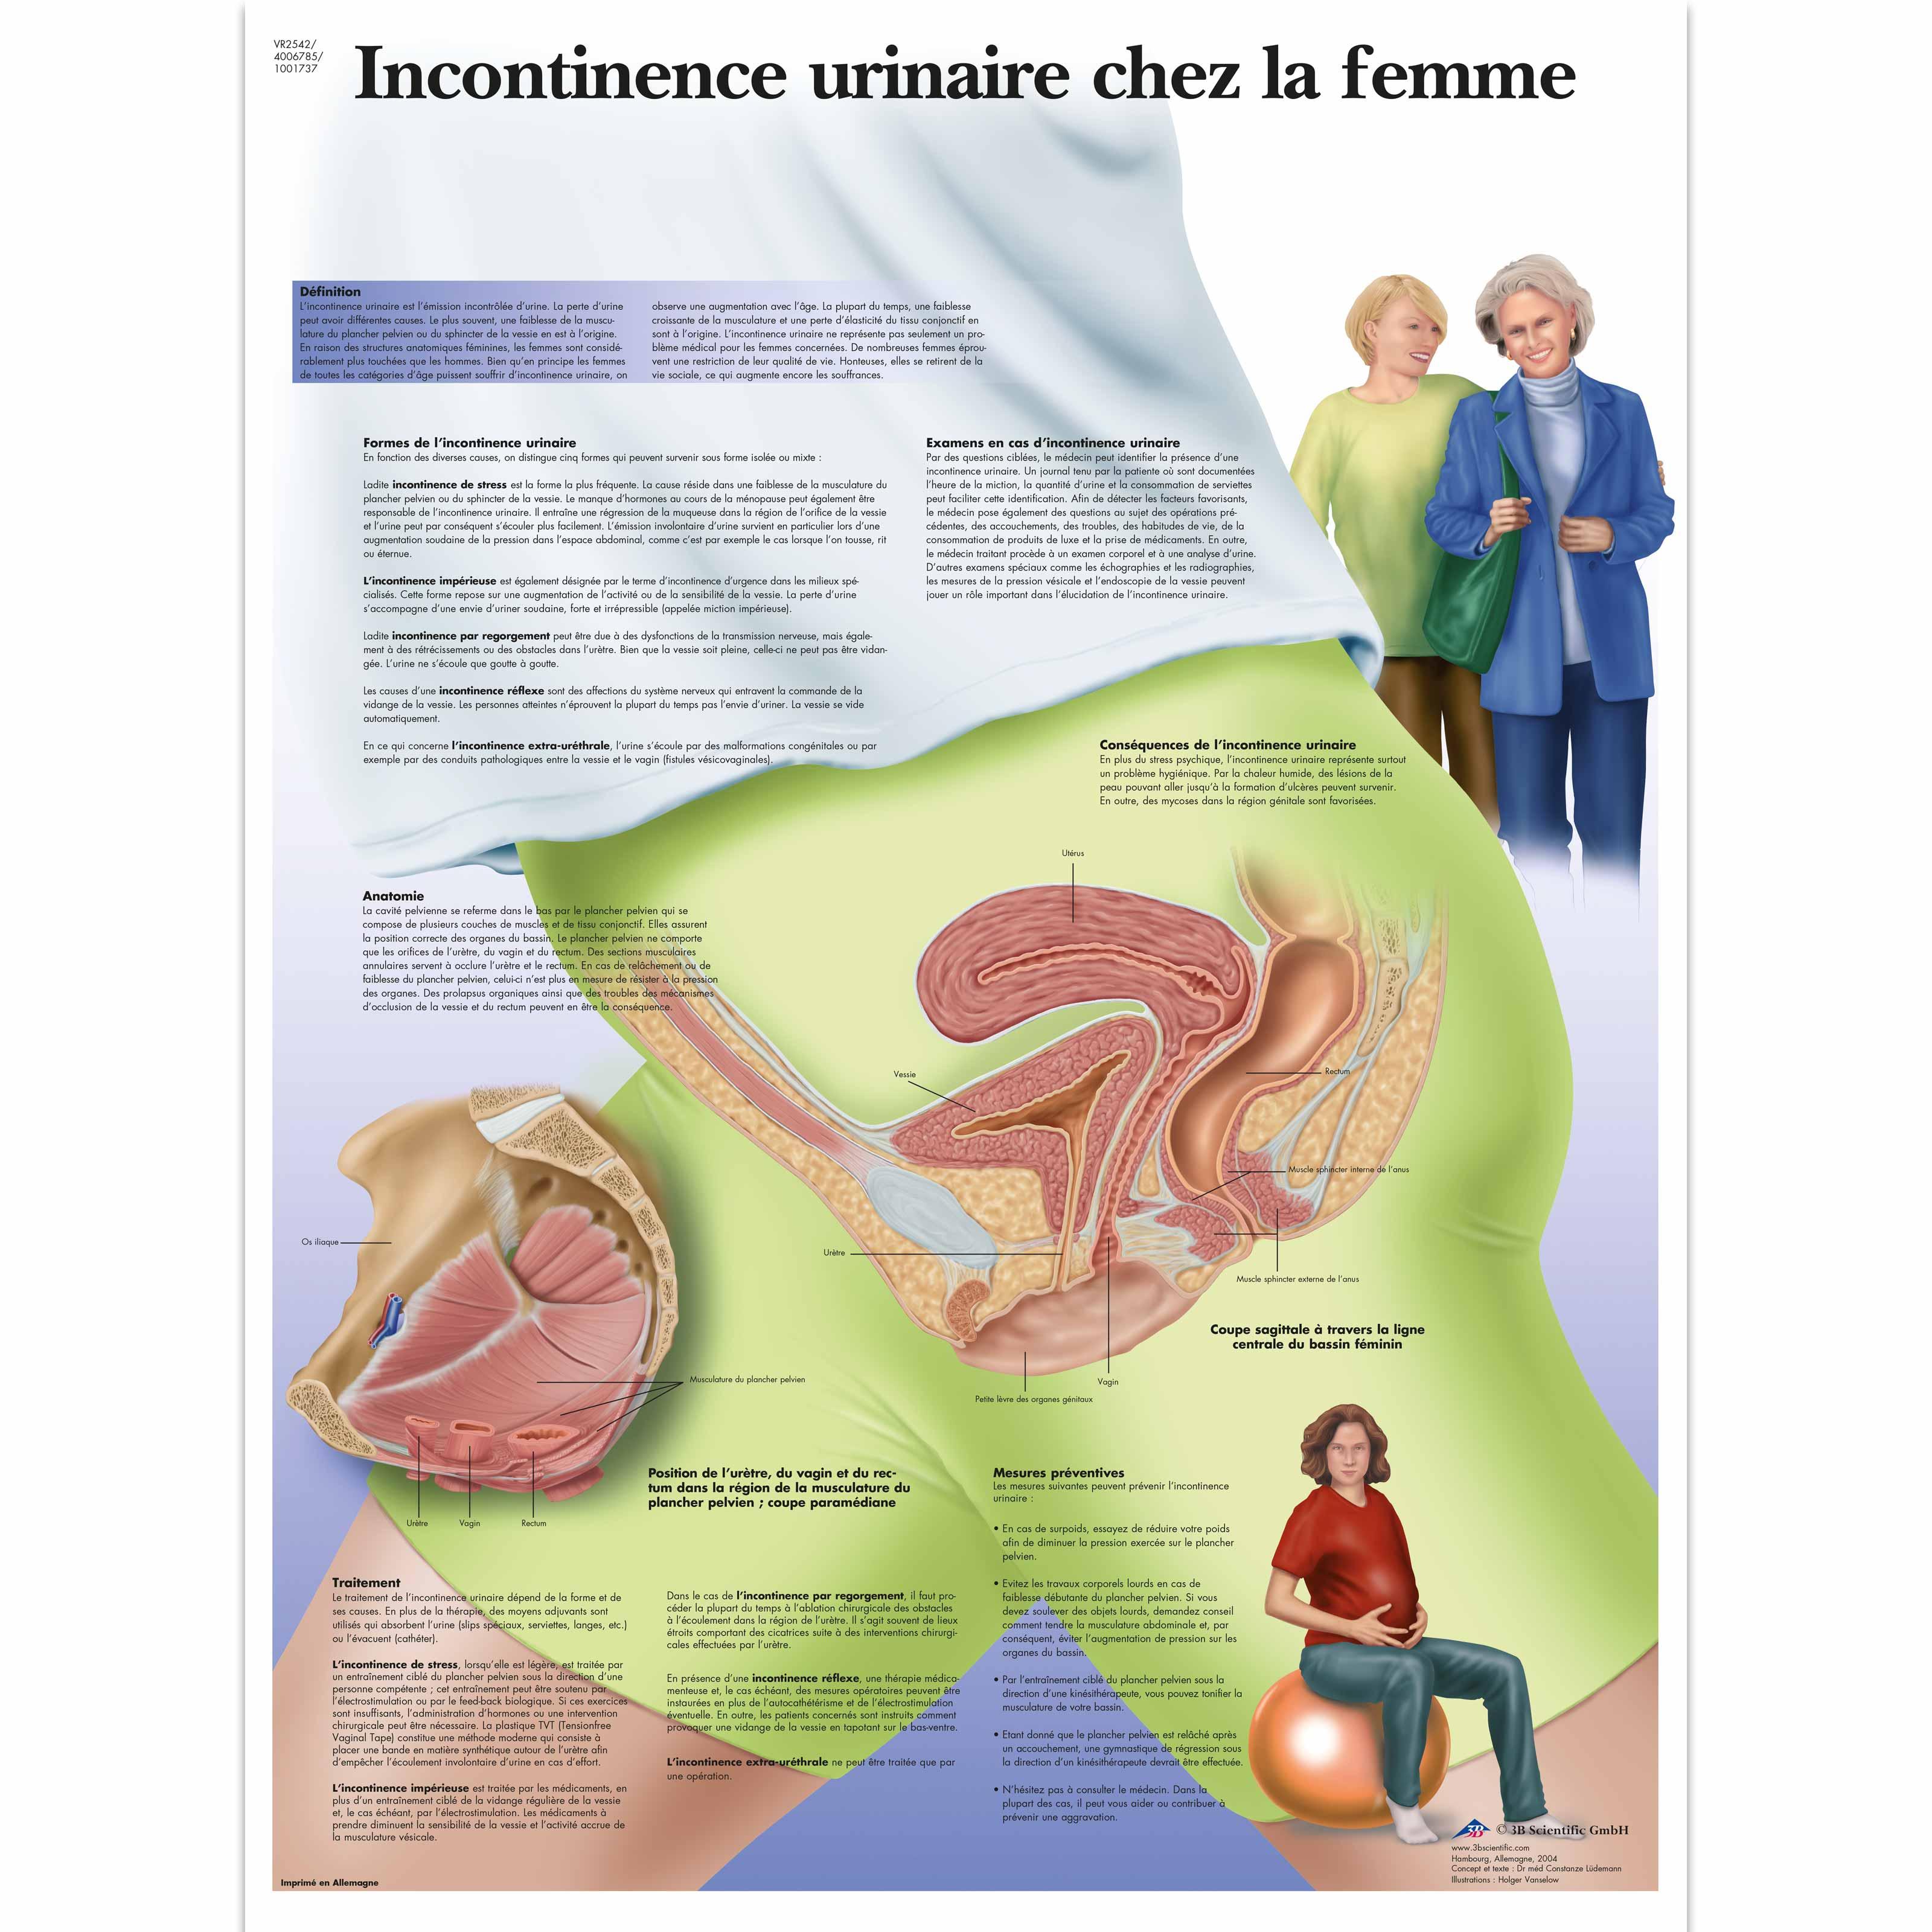 perte de poids et incontinence urinaire